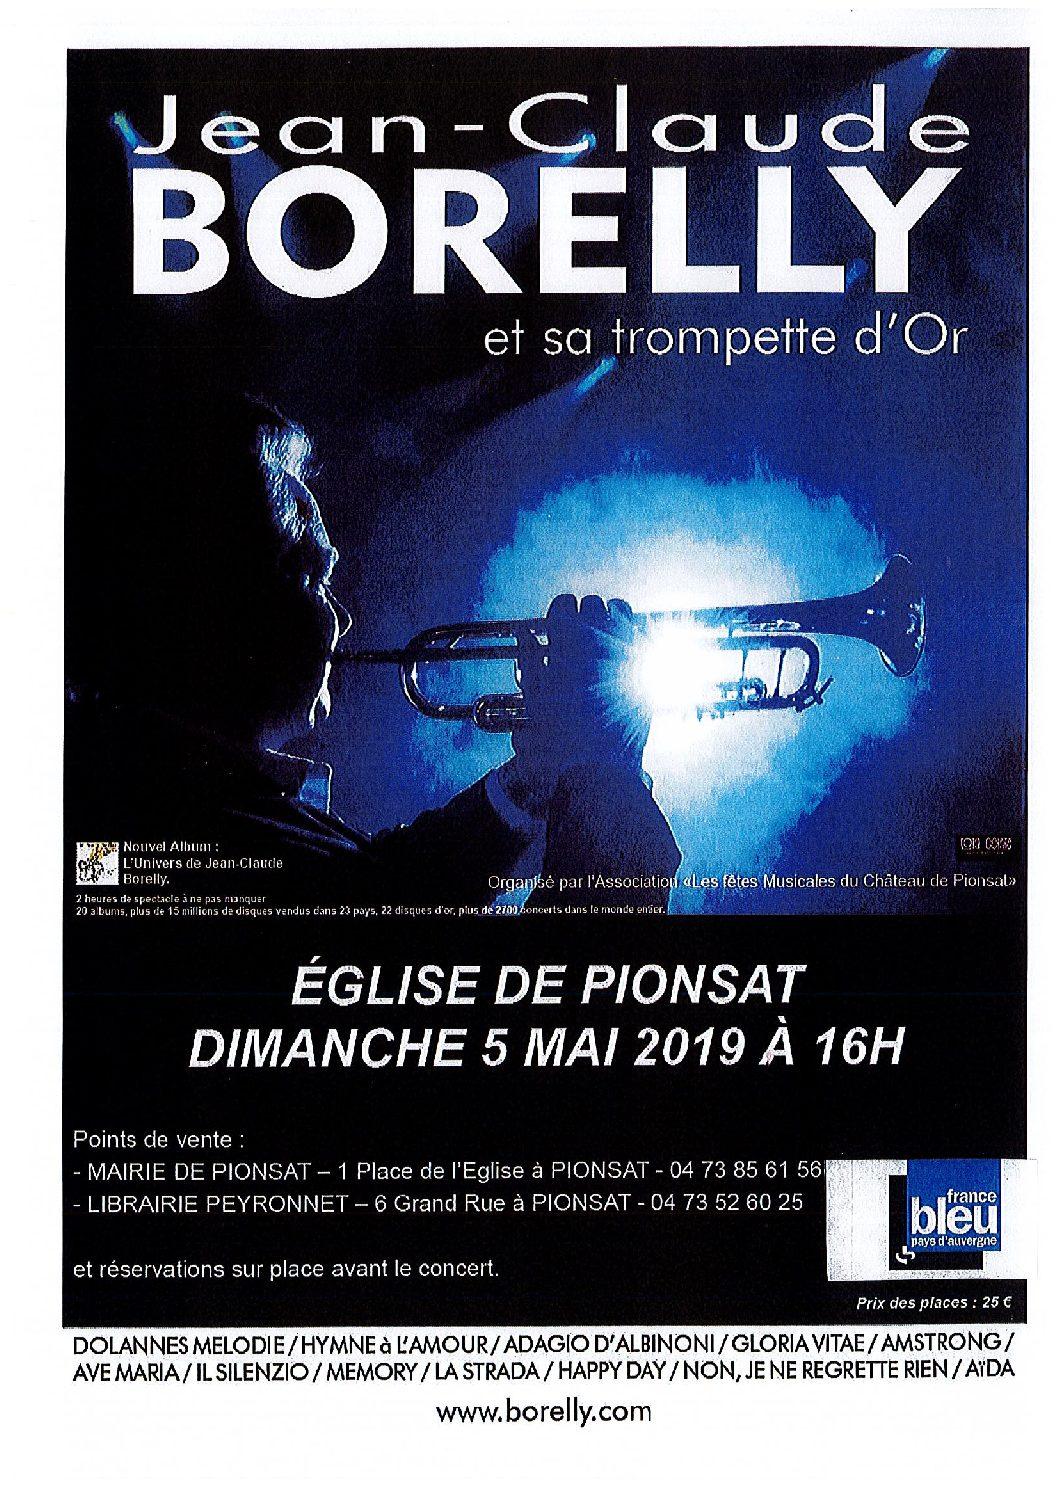 Concert de Borelly